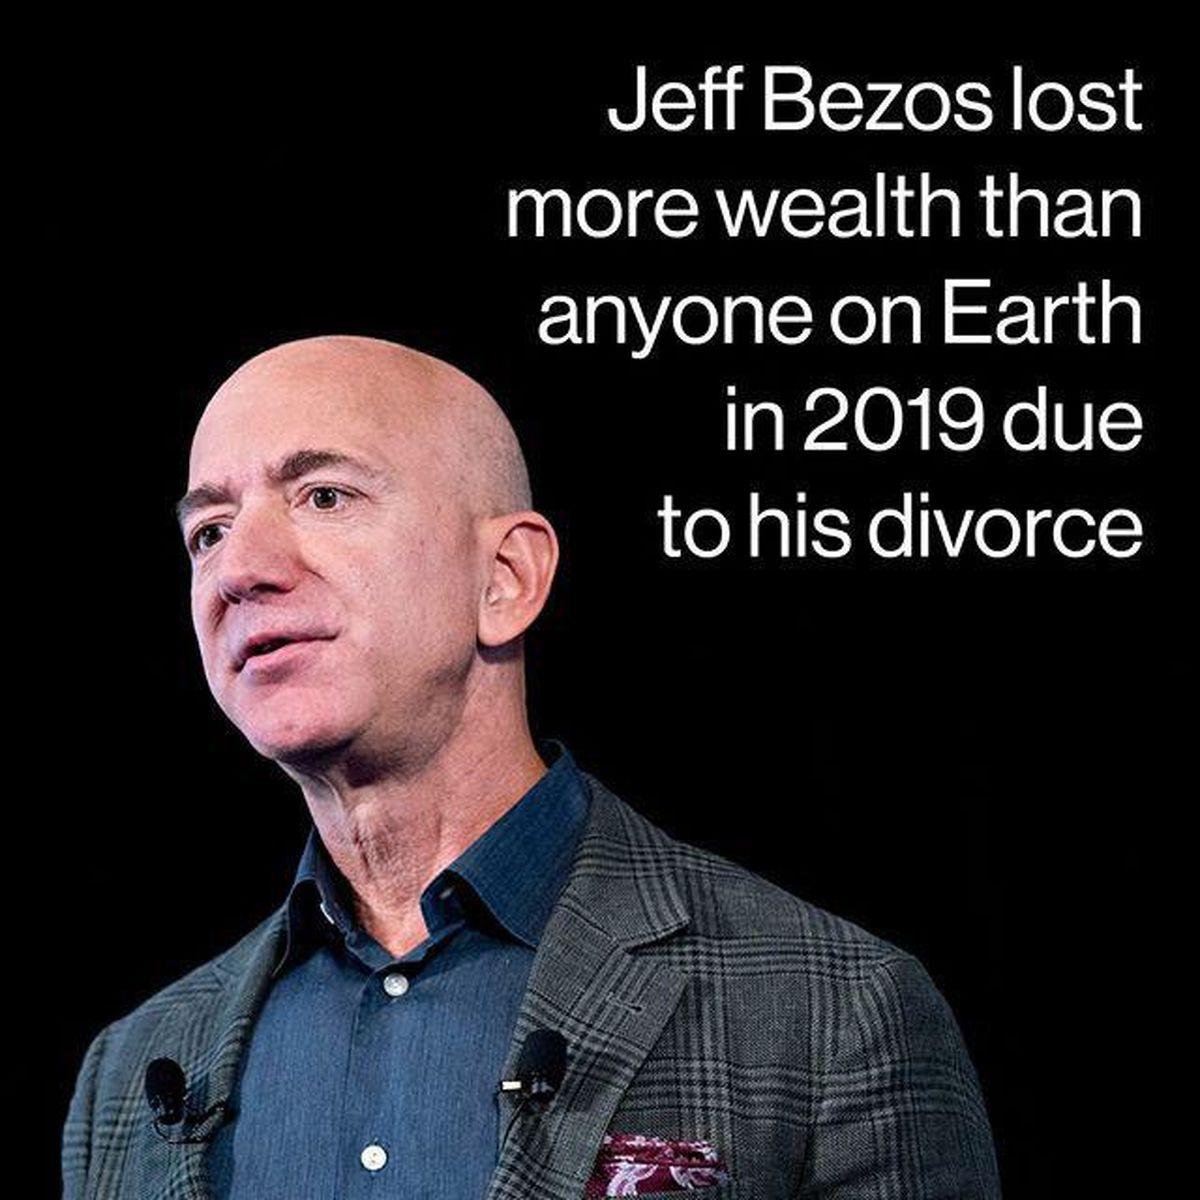 چه کسی در سال2019 بیشترین پول را از دست داد؟ / پر ضررترین طلاق جهان